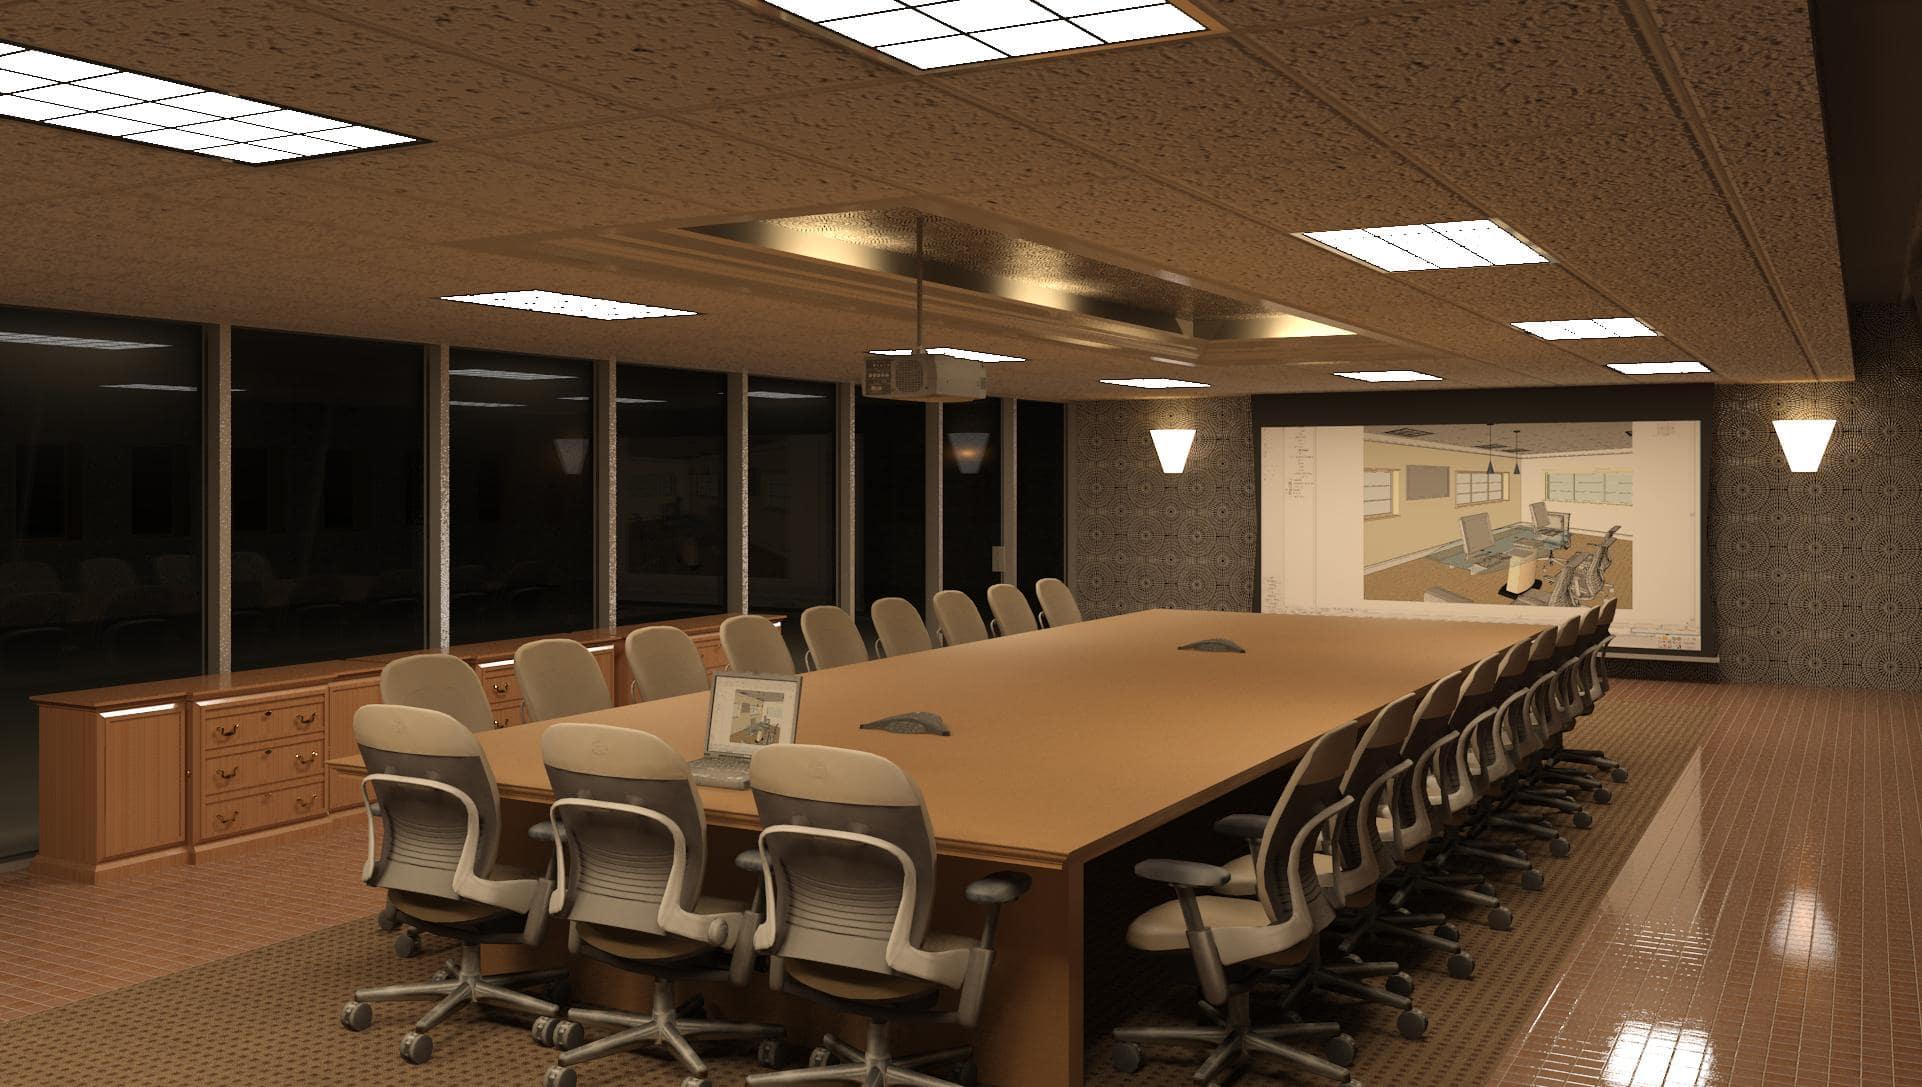 Thiết kế nội thất phòng họp đẹp và sang trọng